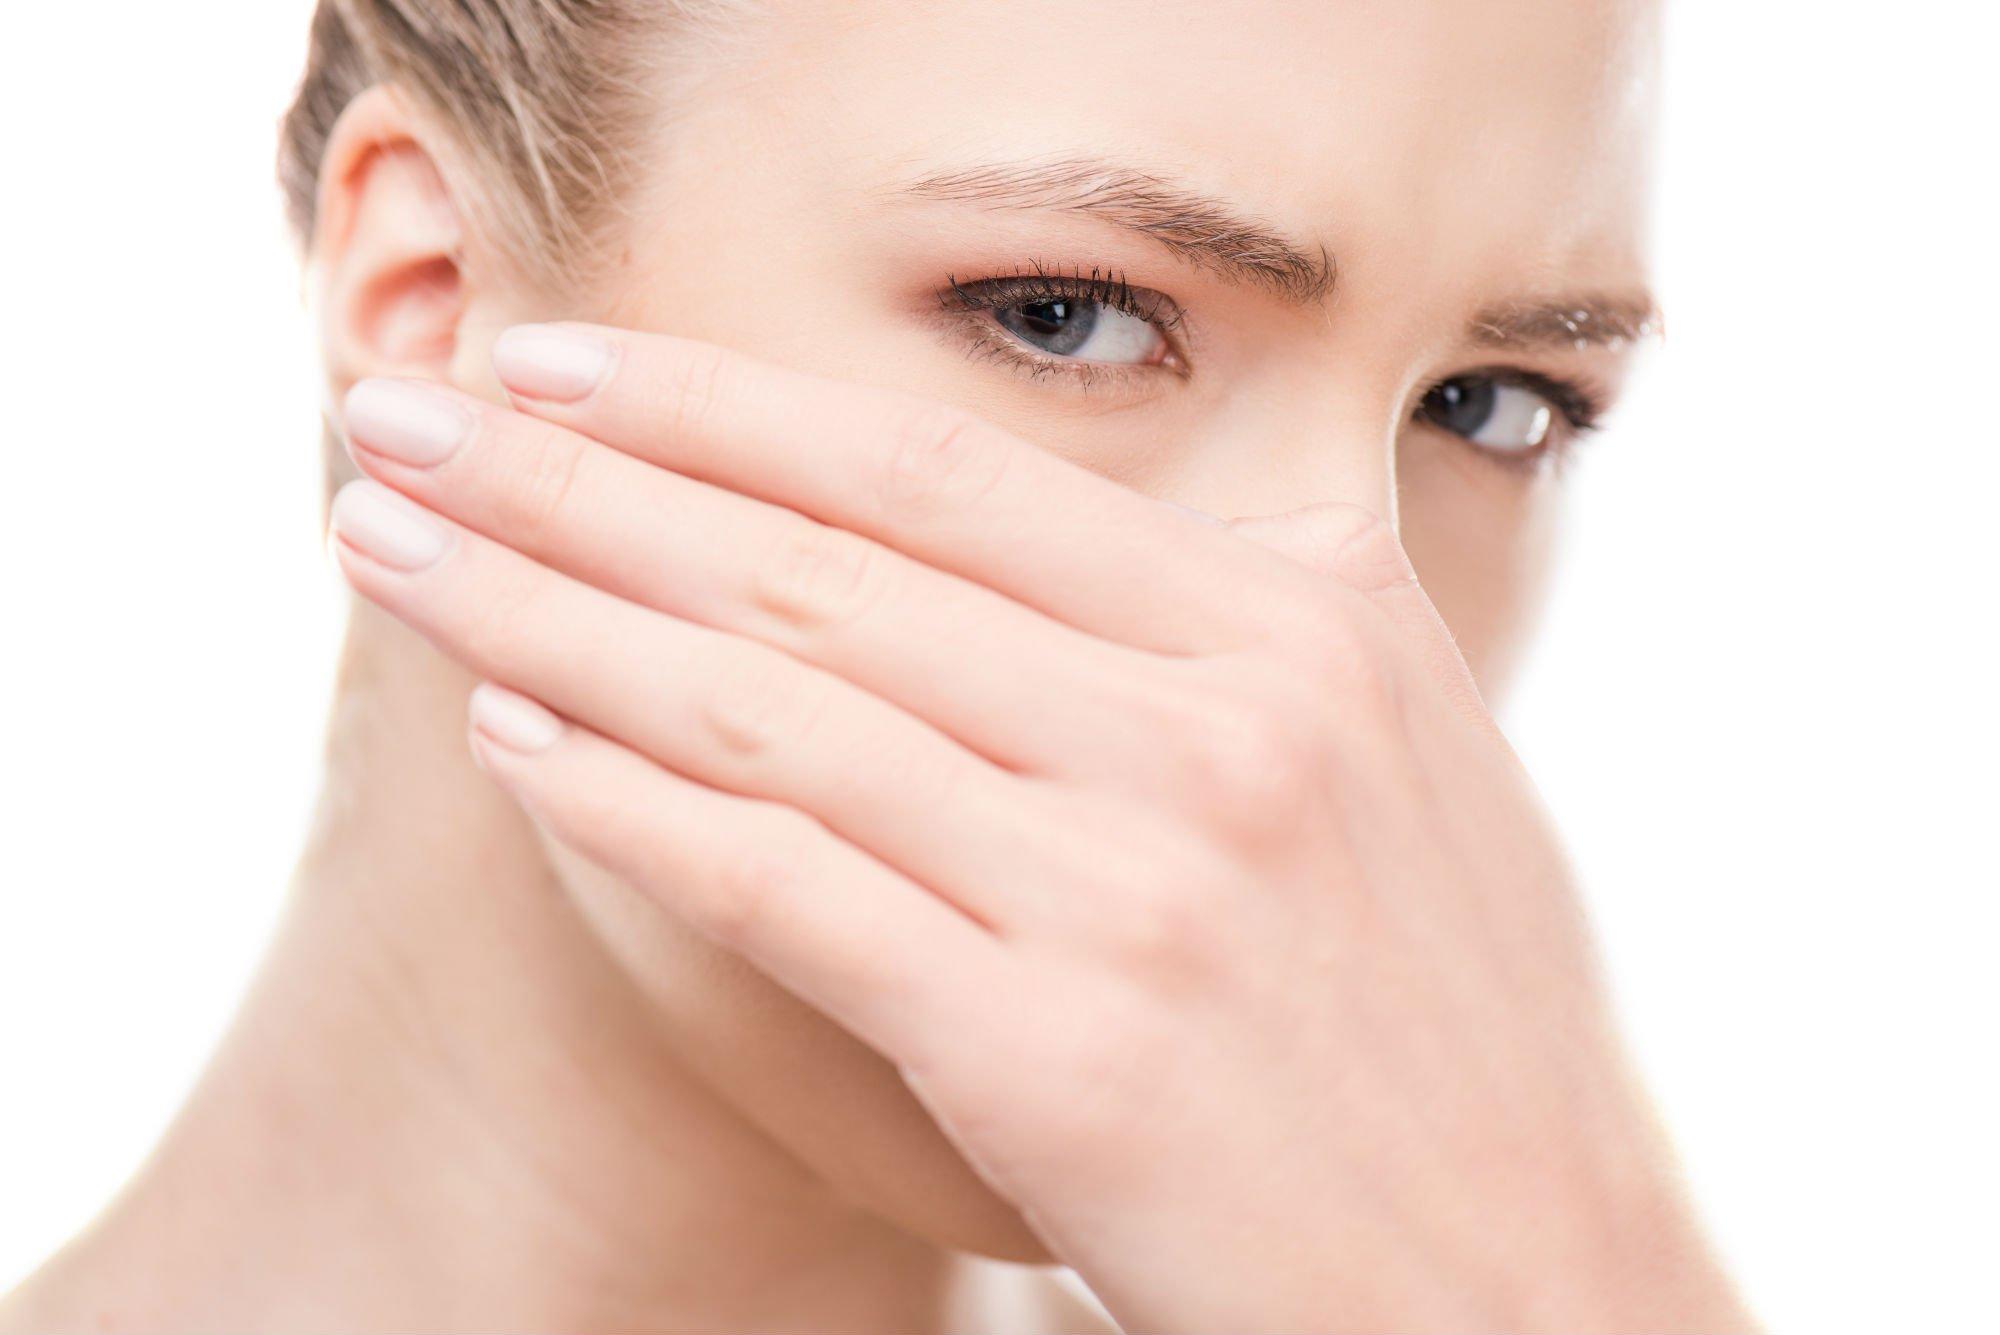 Co stosować na blizny? Jak dbać o blizny aby zmniejszyć ich widoczność. Blizny to problem medyczny i estetyczny. Blizny mogą wywoływać ból, zmniejszać ruchomość i być przyczyną dyskomfortu psychicznego.